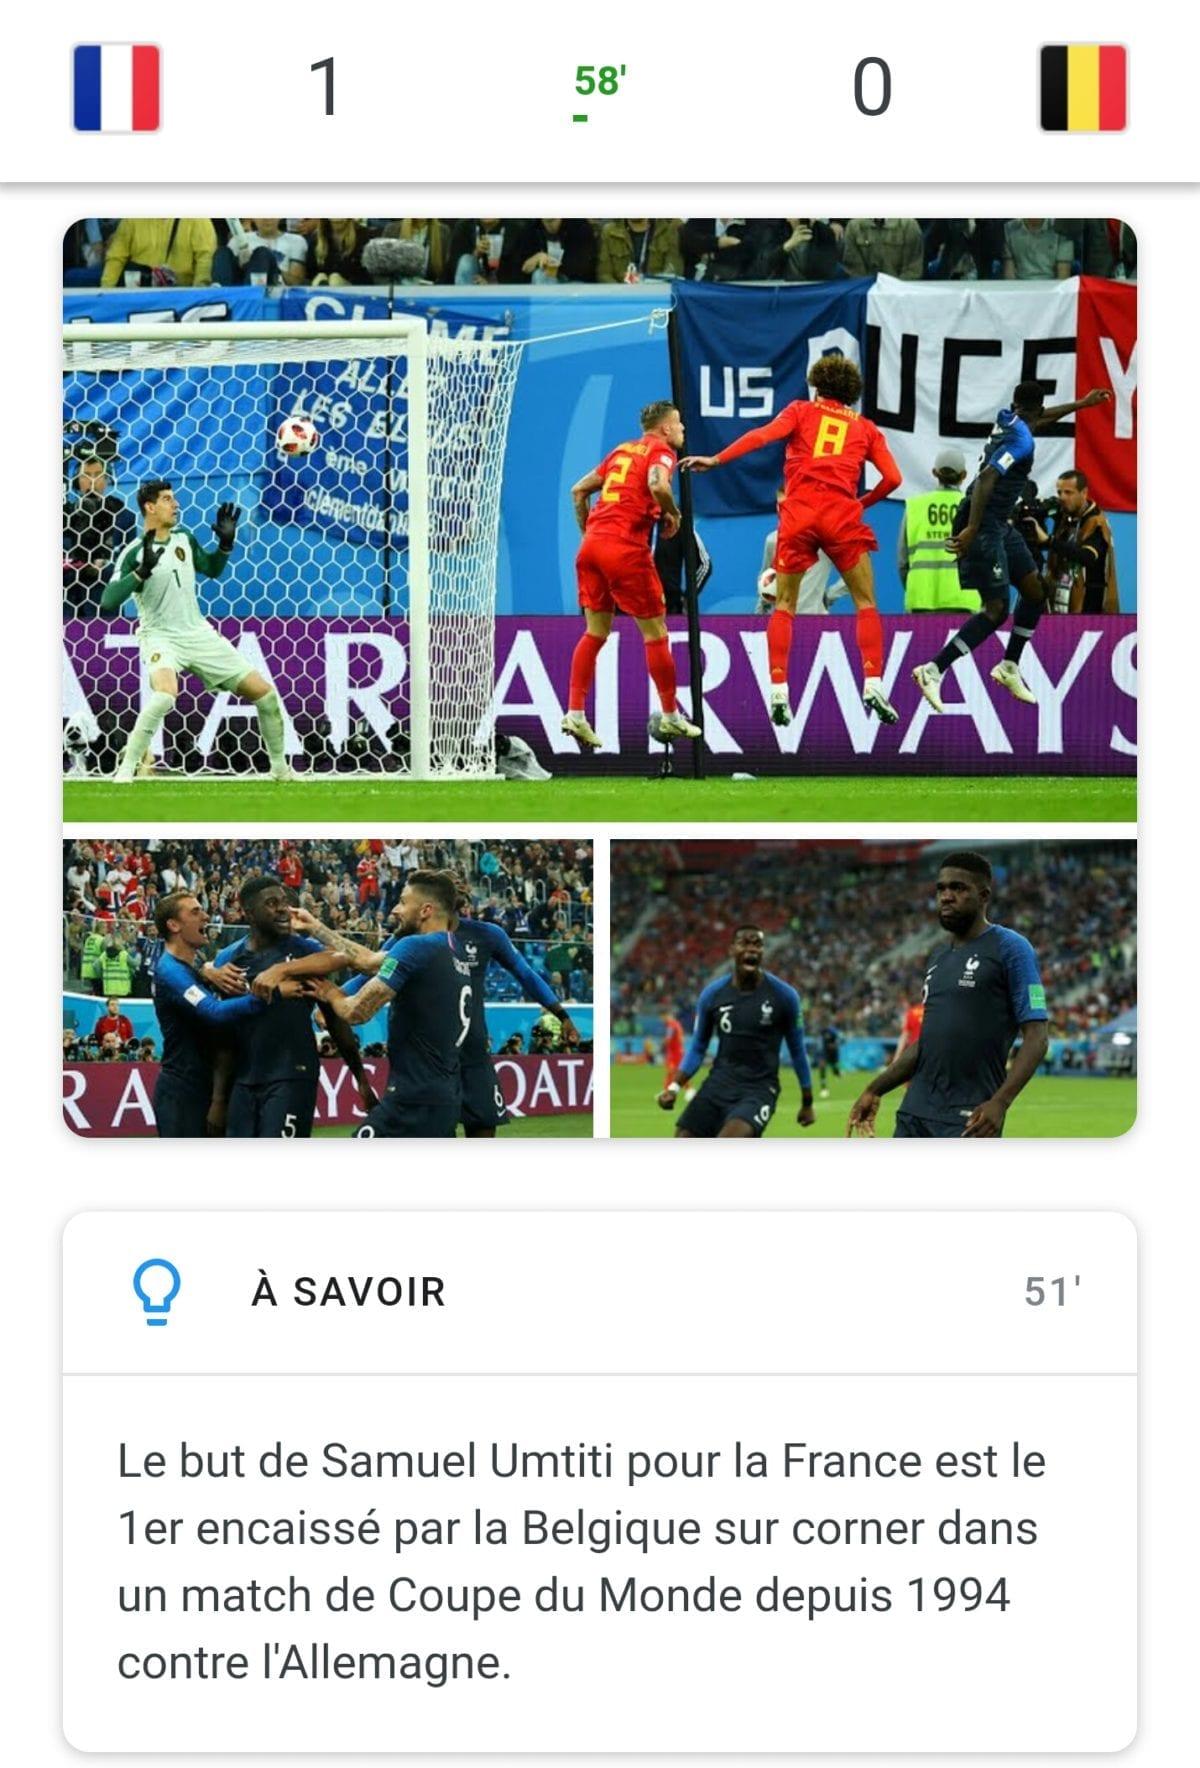 Resultat France – Belgique, la france gagne 1 à 0 en demi finale de la coupe du monde de russie 2018 #frabel